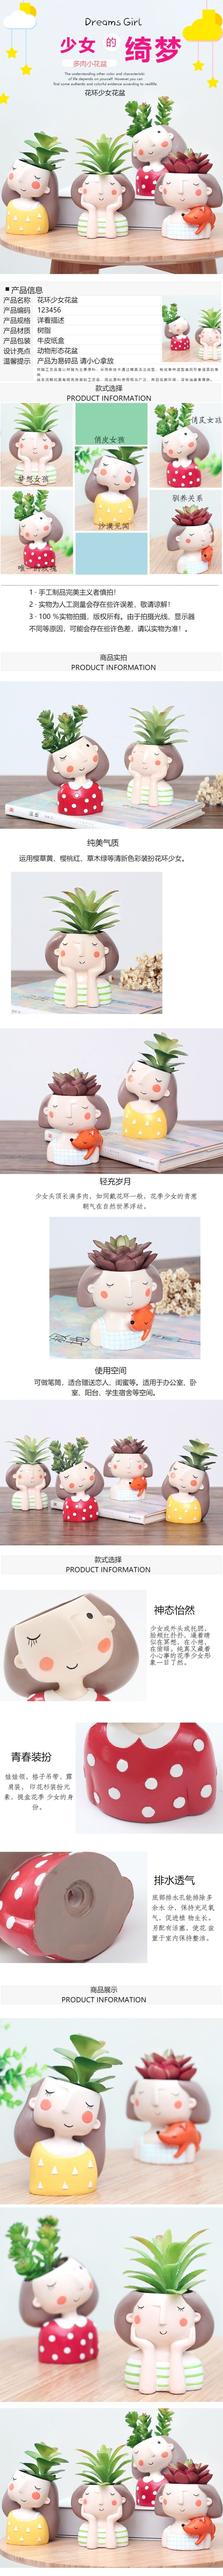 清新可爱花瓶花卉电商详情页